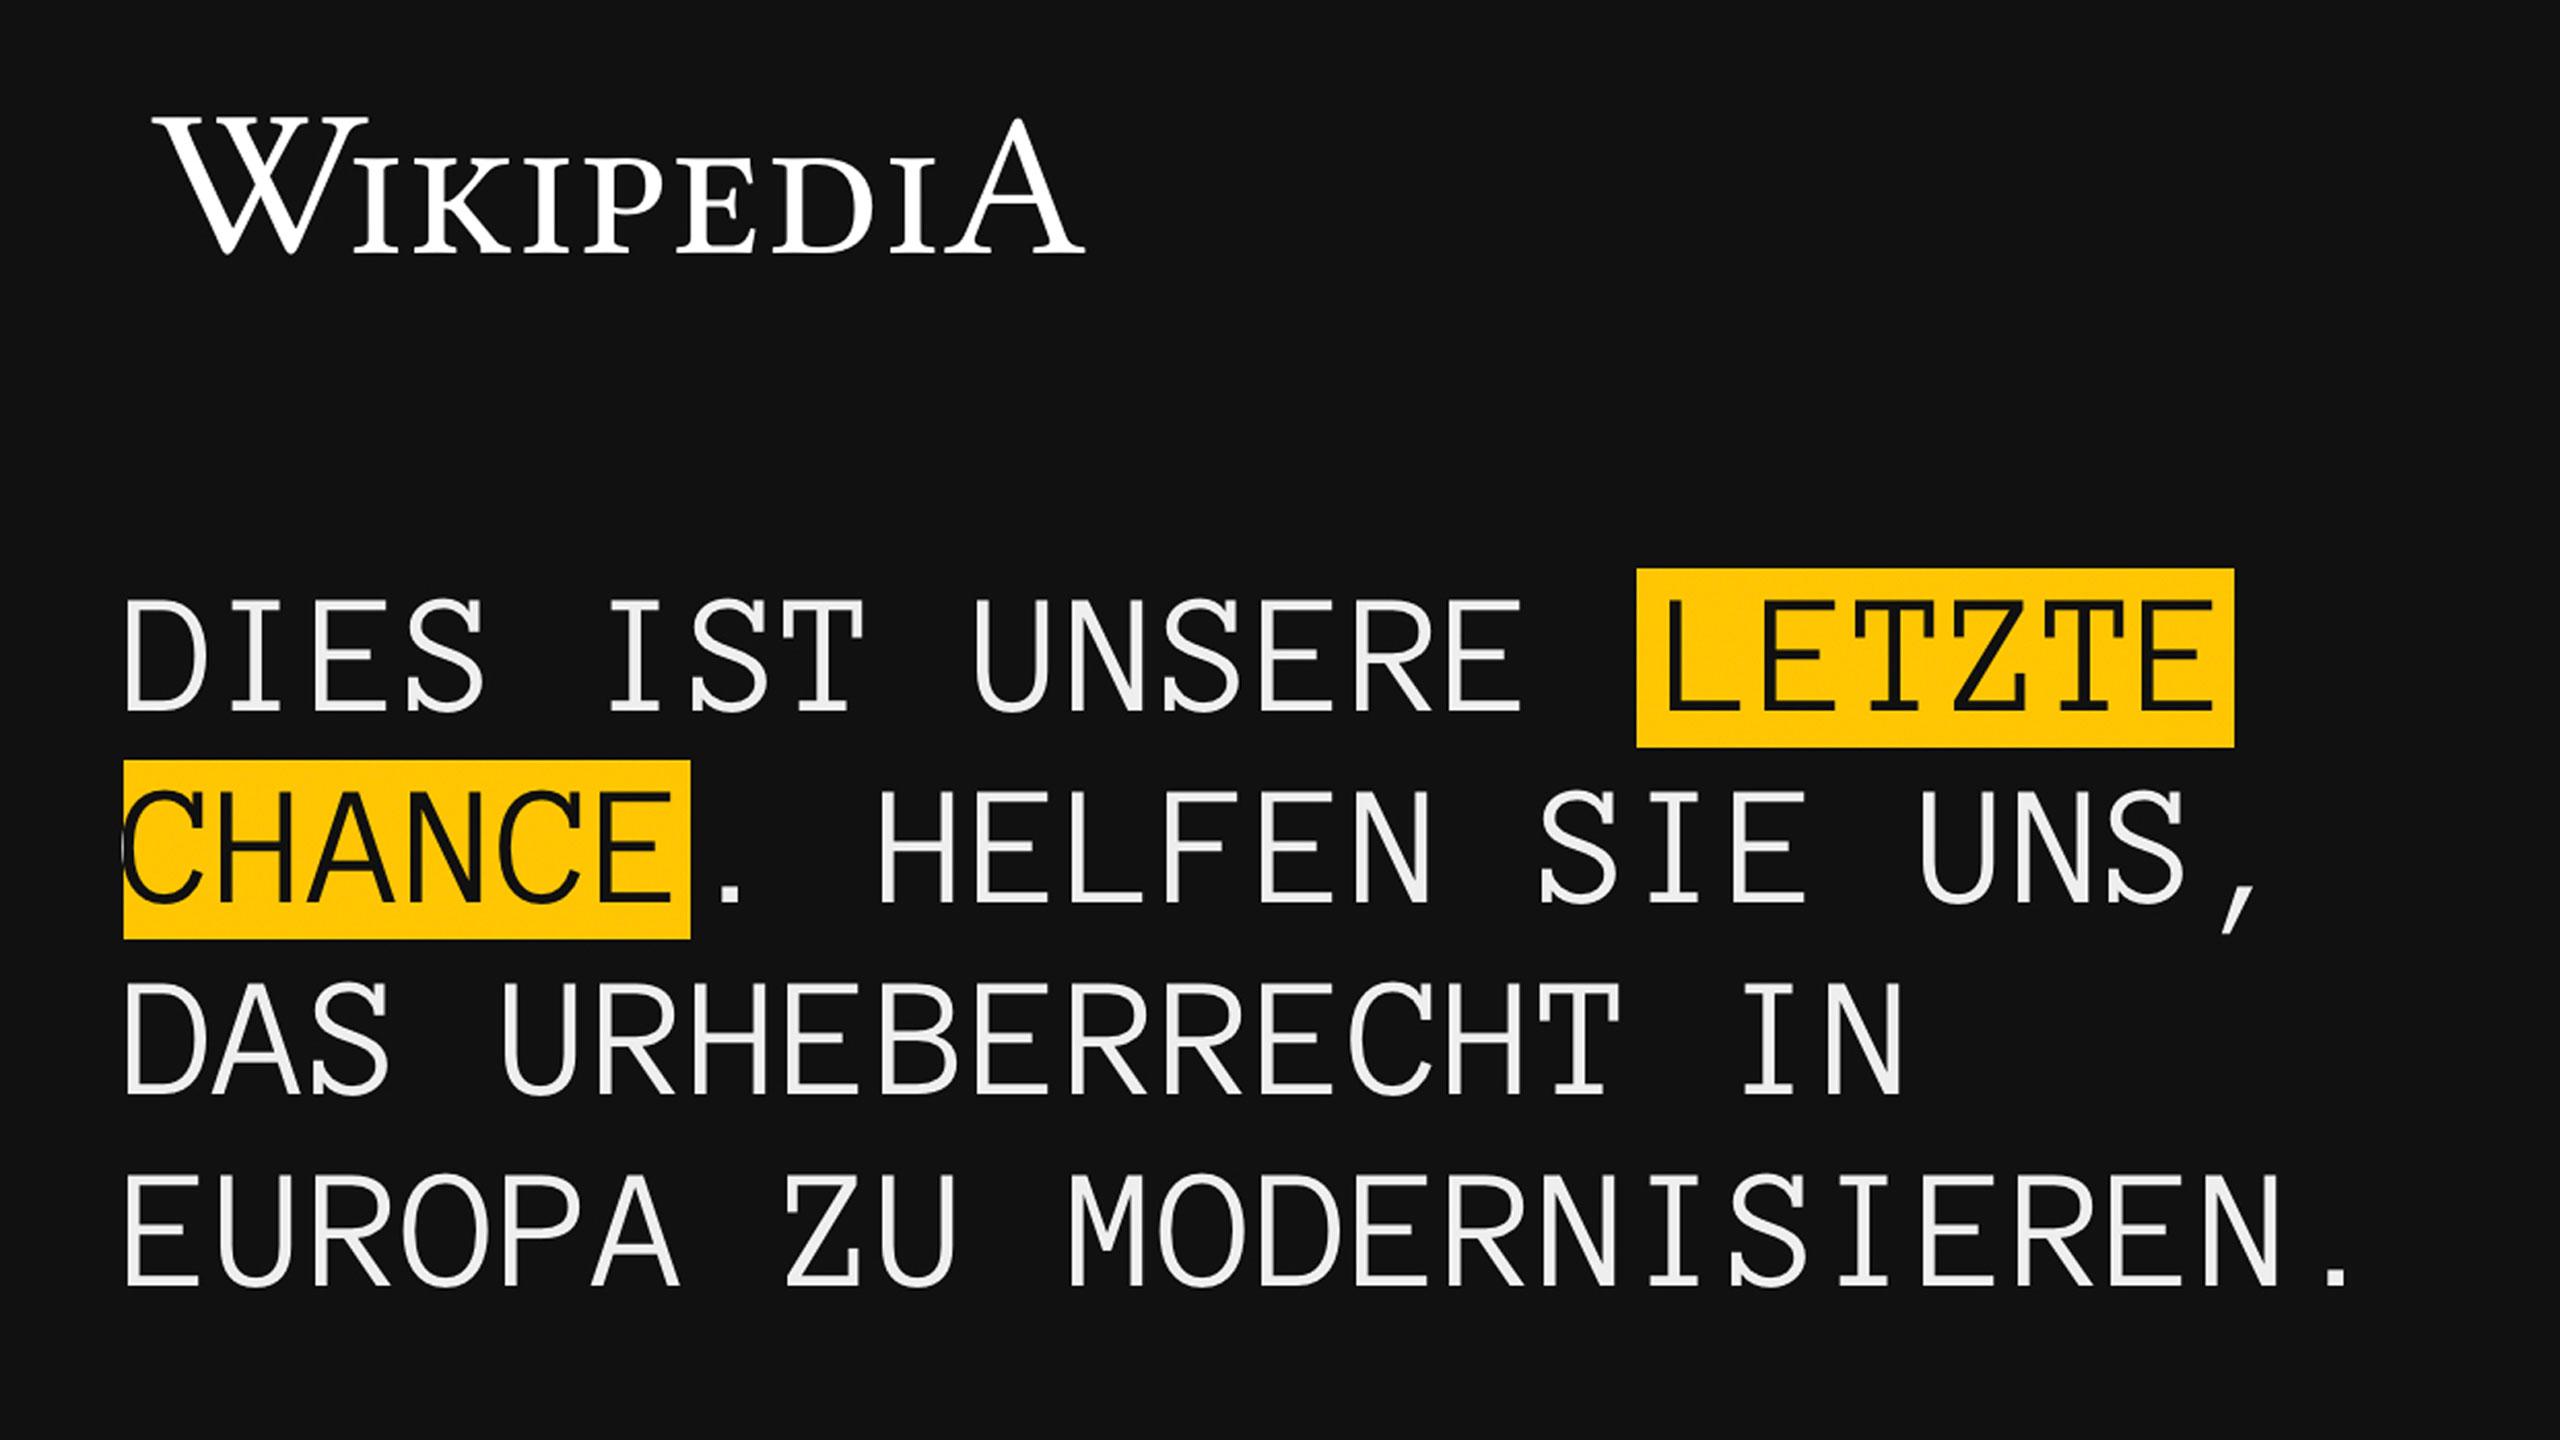 Vergangenen Donnerstag, 21. März, sah Wikipedia aus Protest gegen Teile der geplanten EU-Urheberrechtsreform so aus. Foto: Screenshot Smartphone Luís Matos